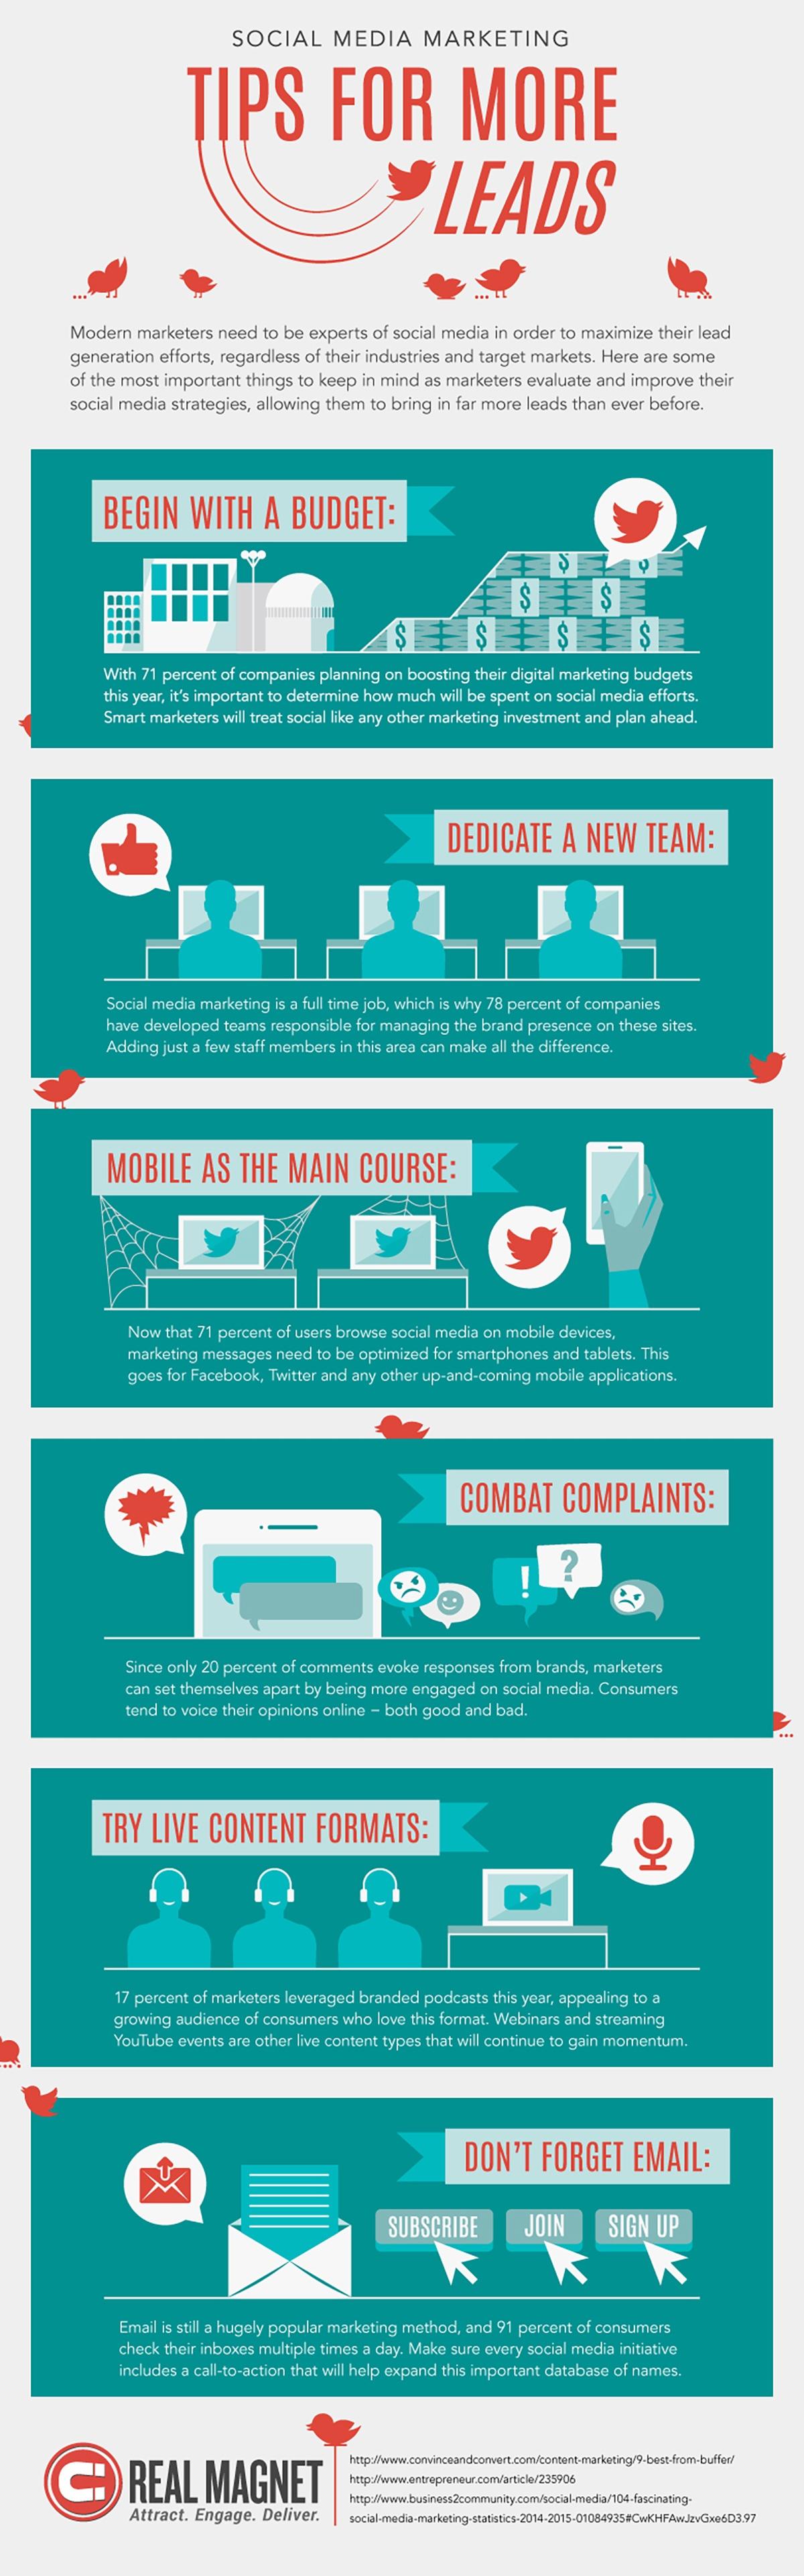 Social-Media-Marketing-Lead-Generation.webp